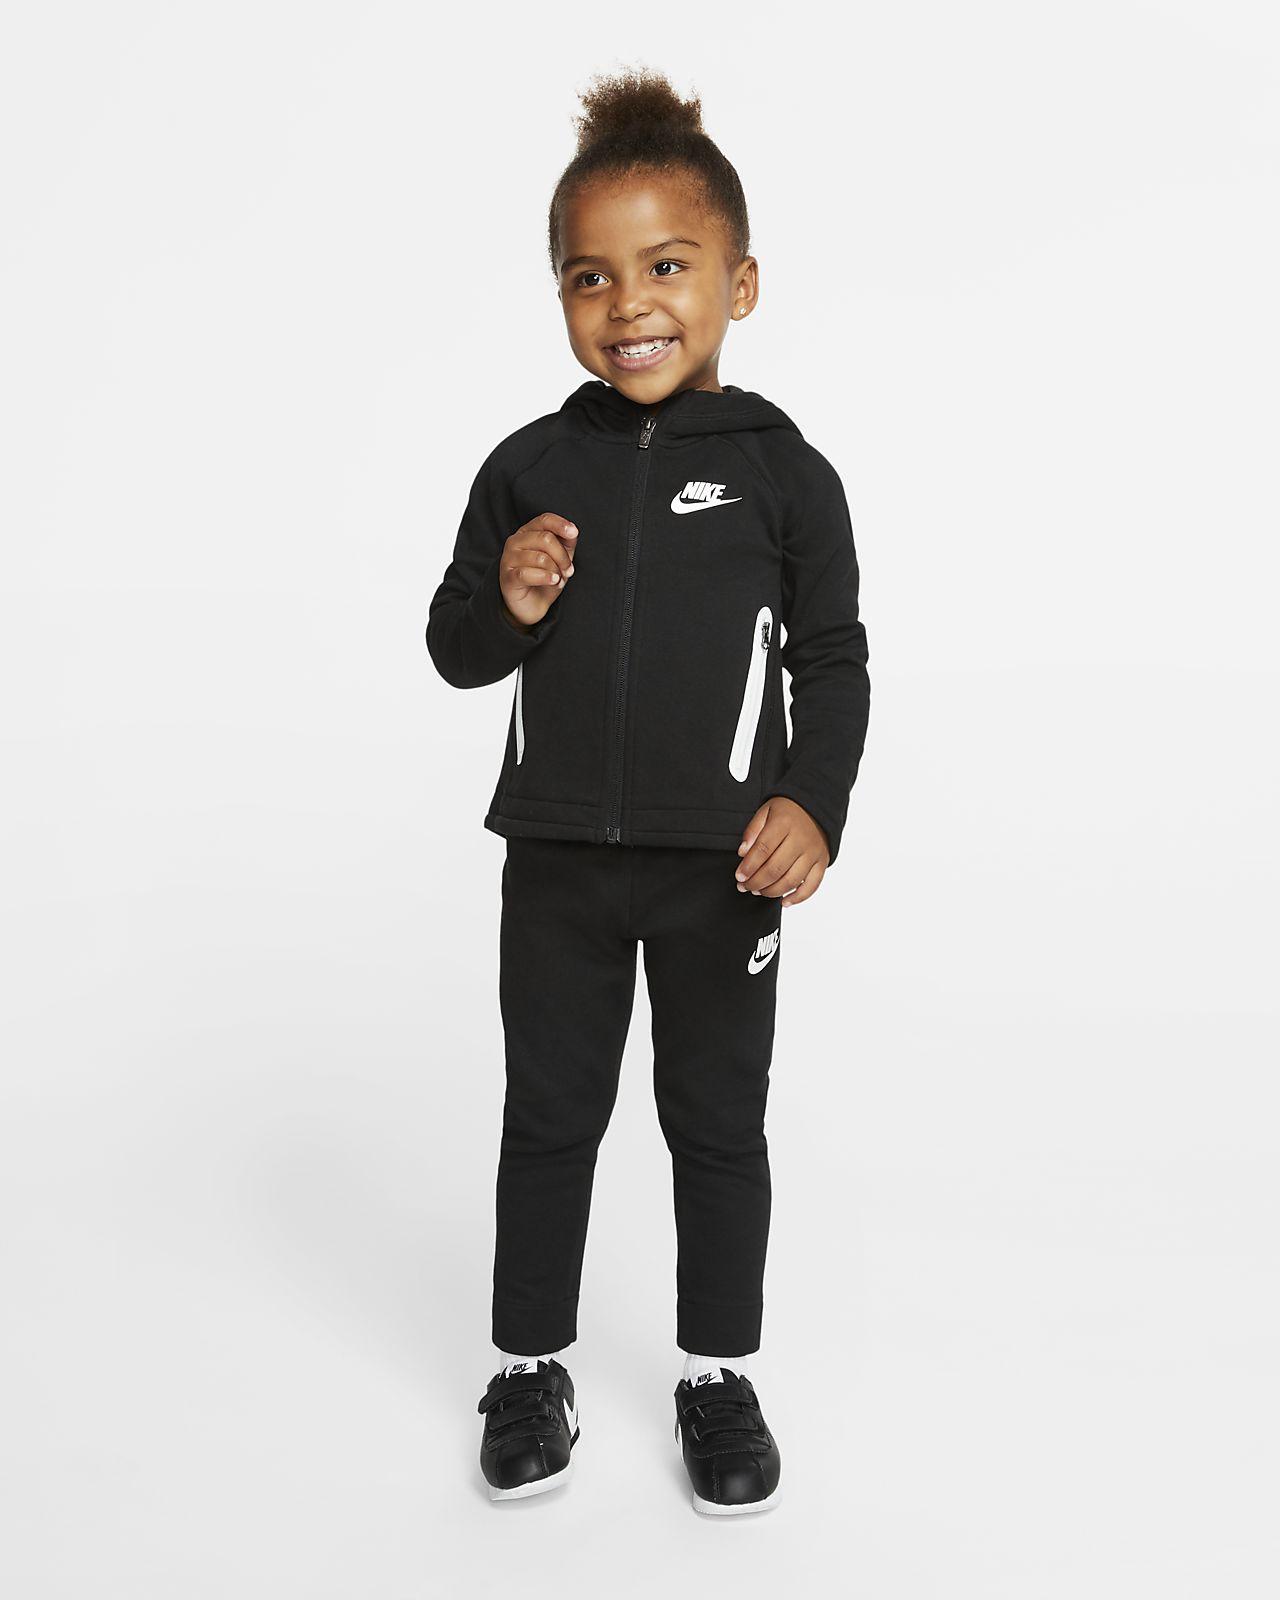 Nike Sportswear Tech Fleece Toddler Hoodie & Pants 2-Piece Set